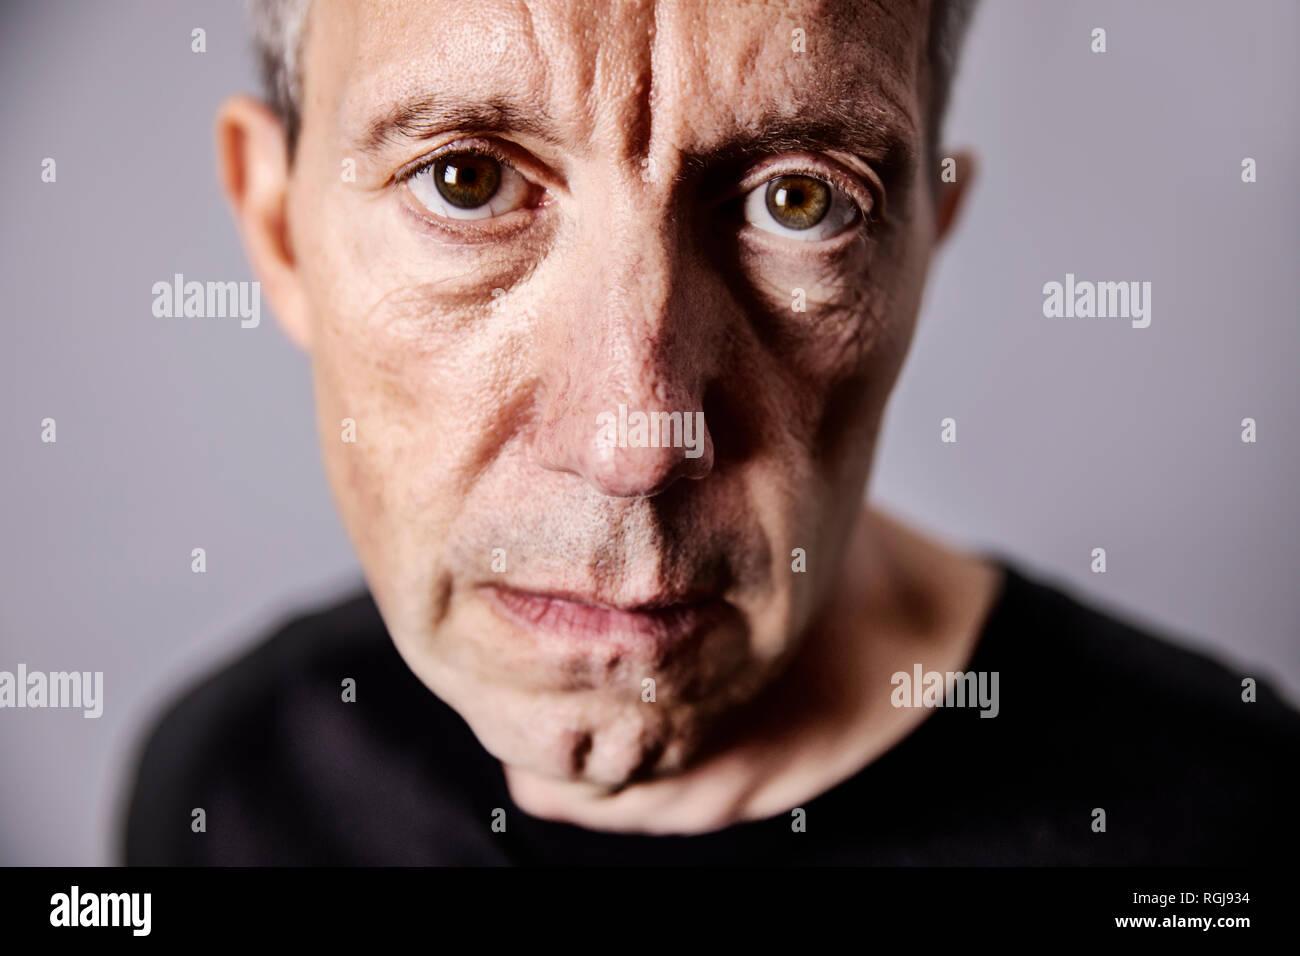 Retrato de decepcionado hombre maduro Foto de stock